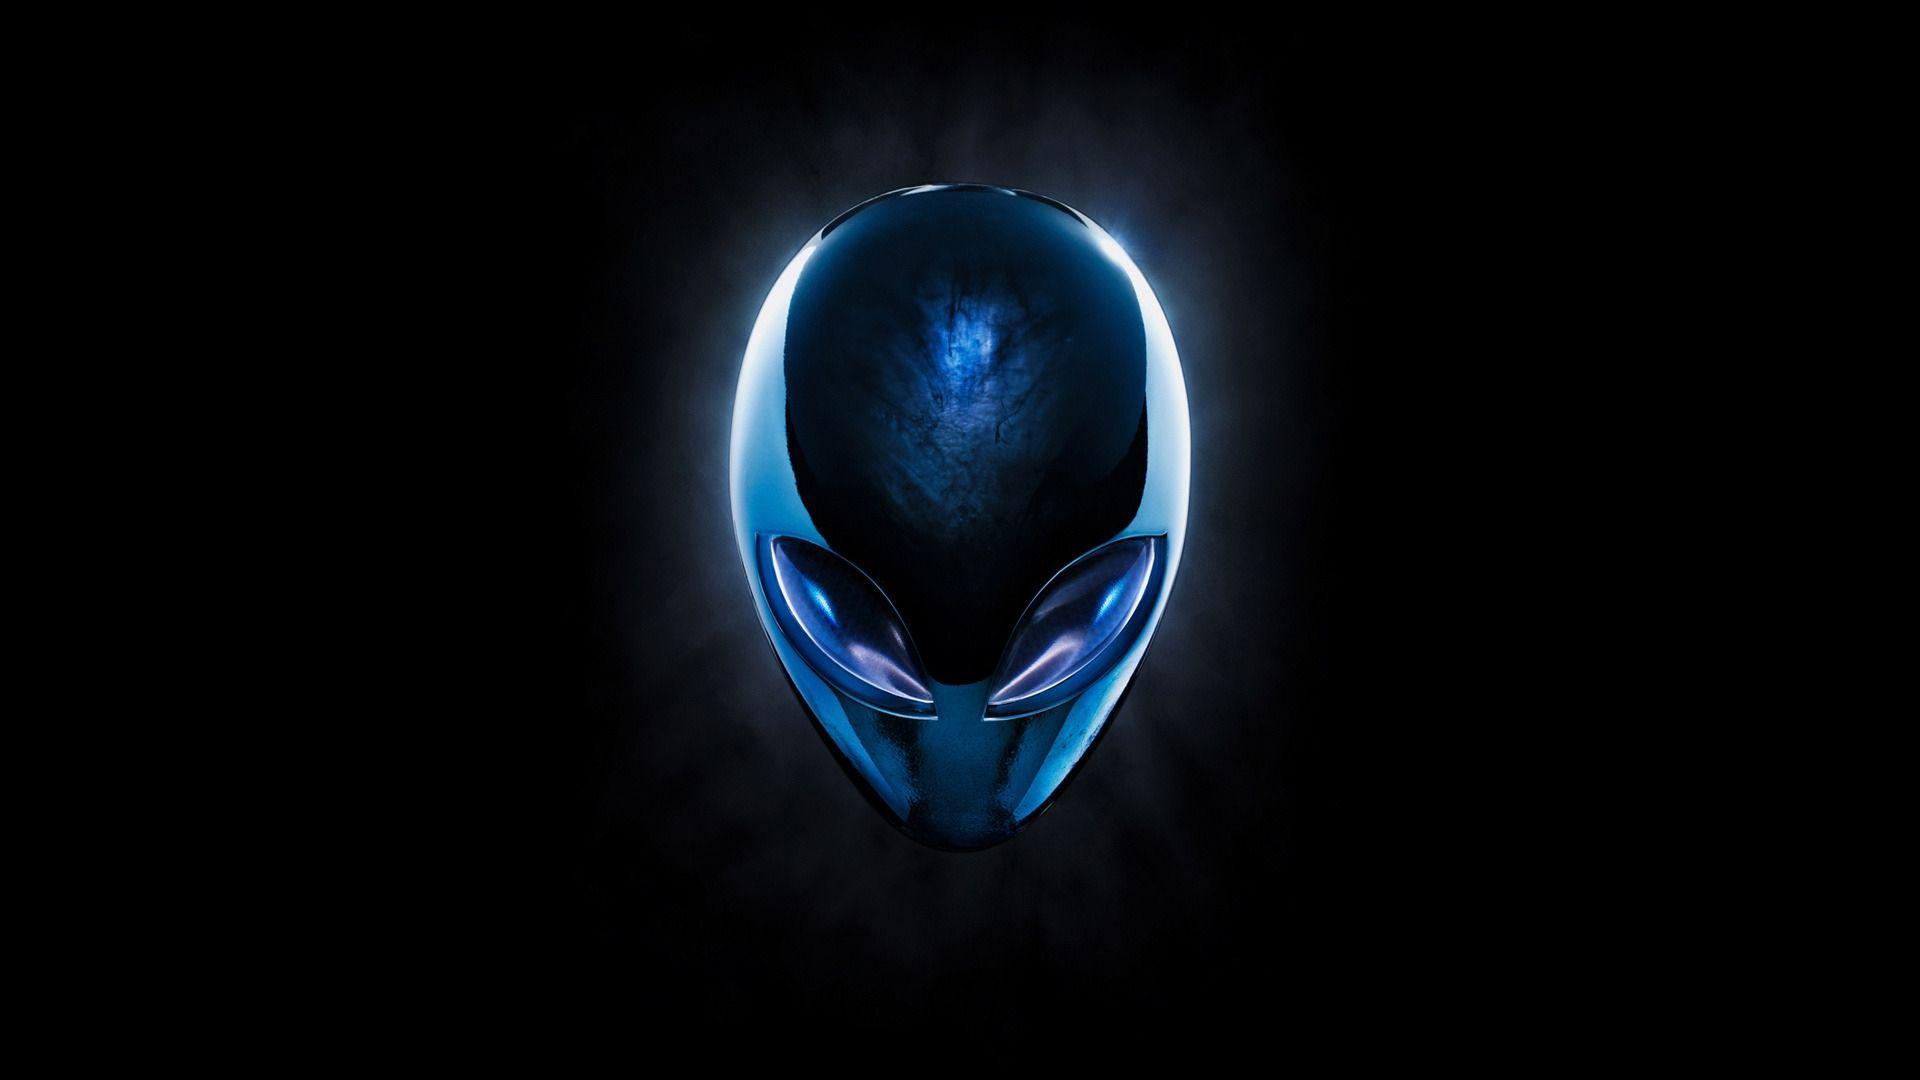 Alienware Blue For Hdtv